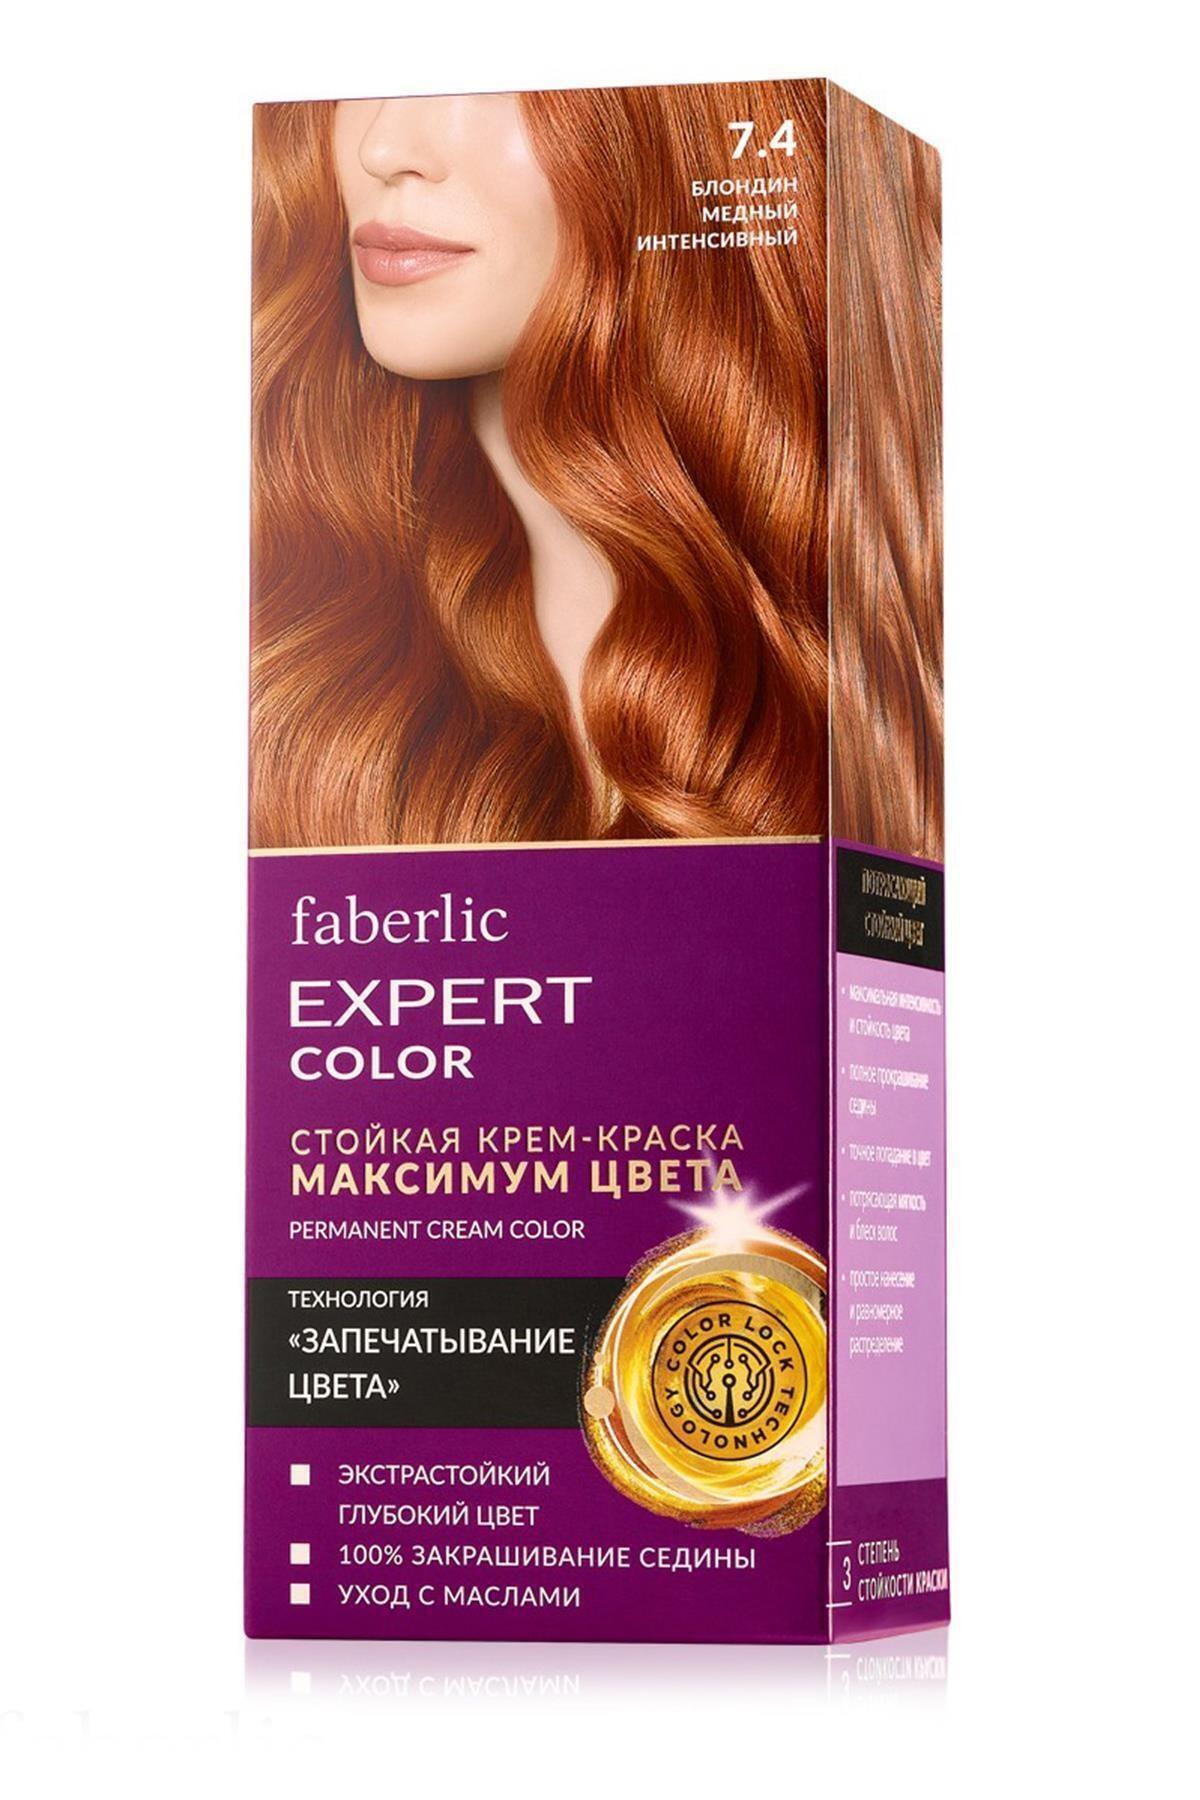 Faberlic Expert Color Kalıcı Saç Boyası 115gr. 1